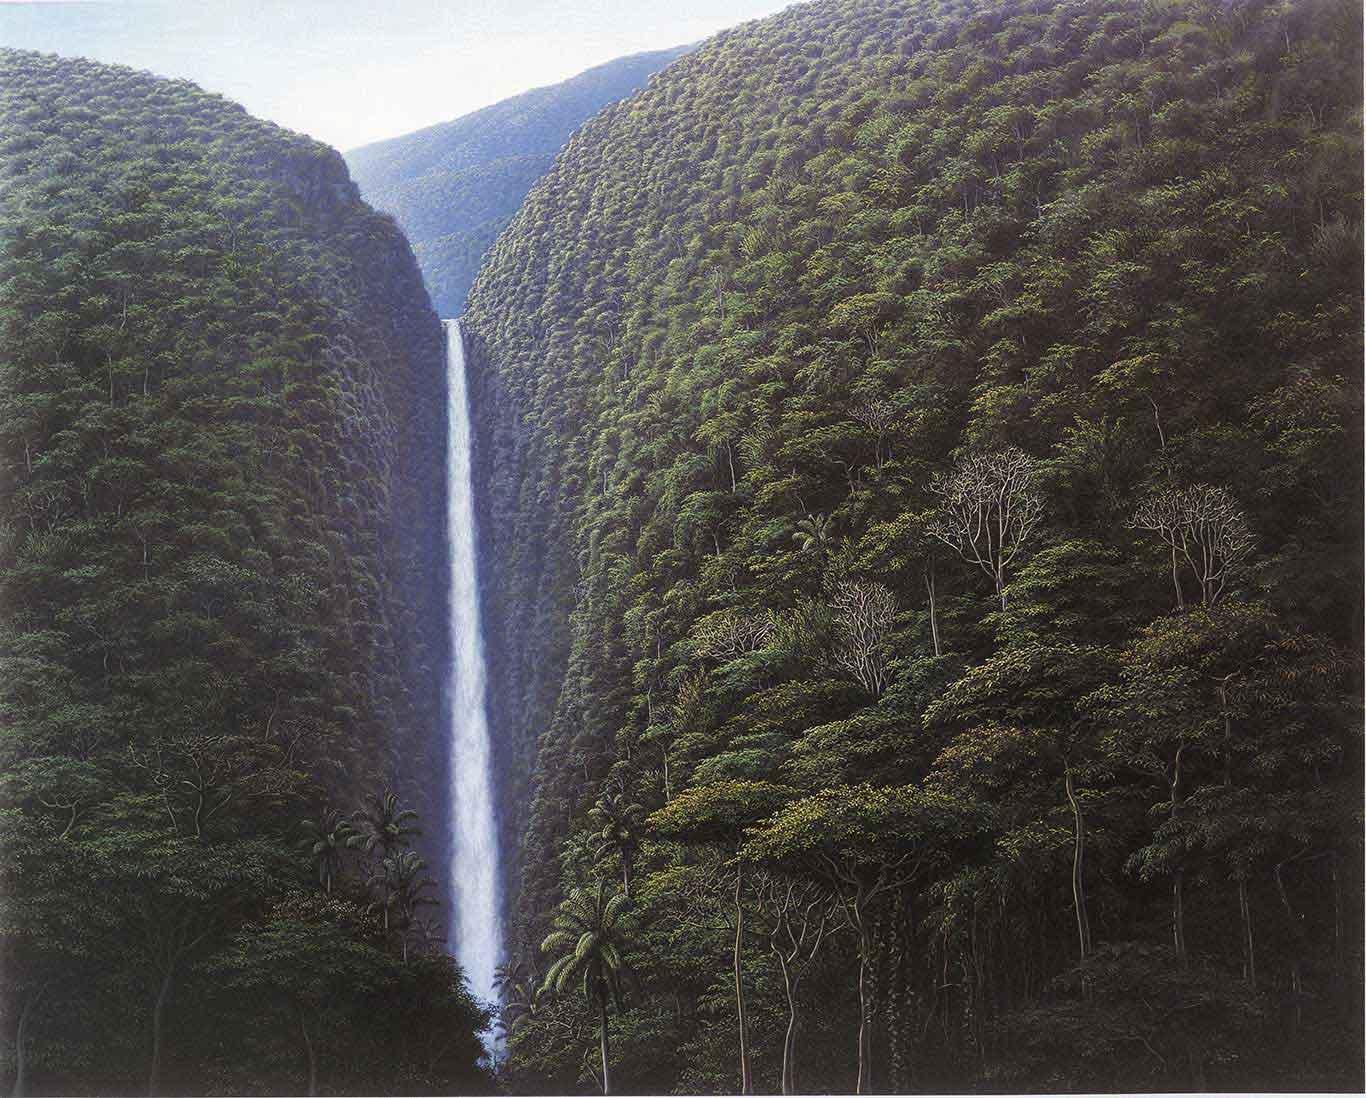 Cascada escondida, 2000